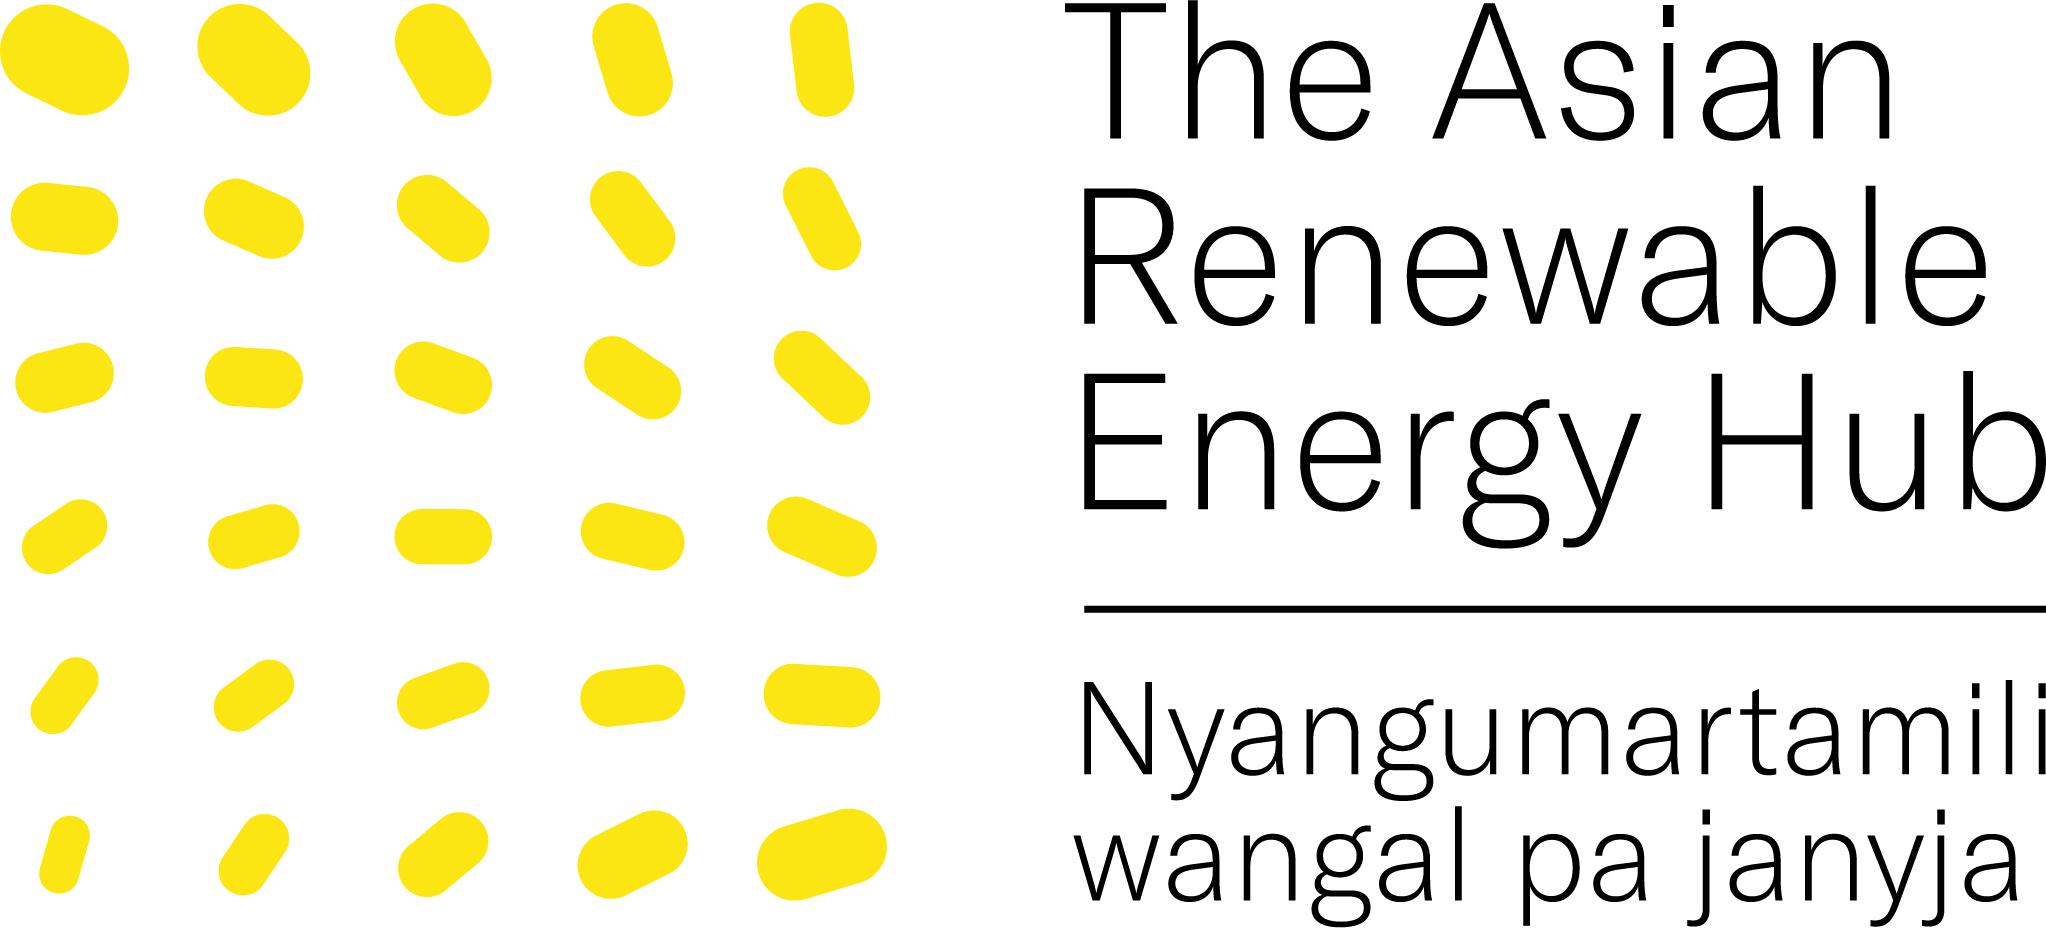 Asian Renewable Energy Hub